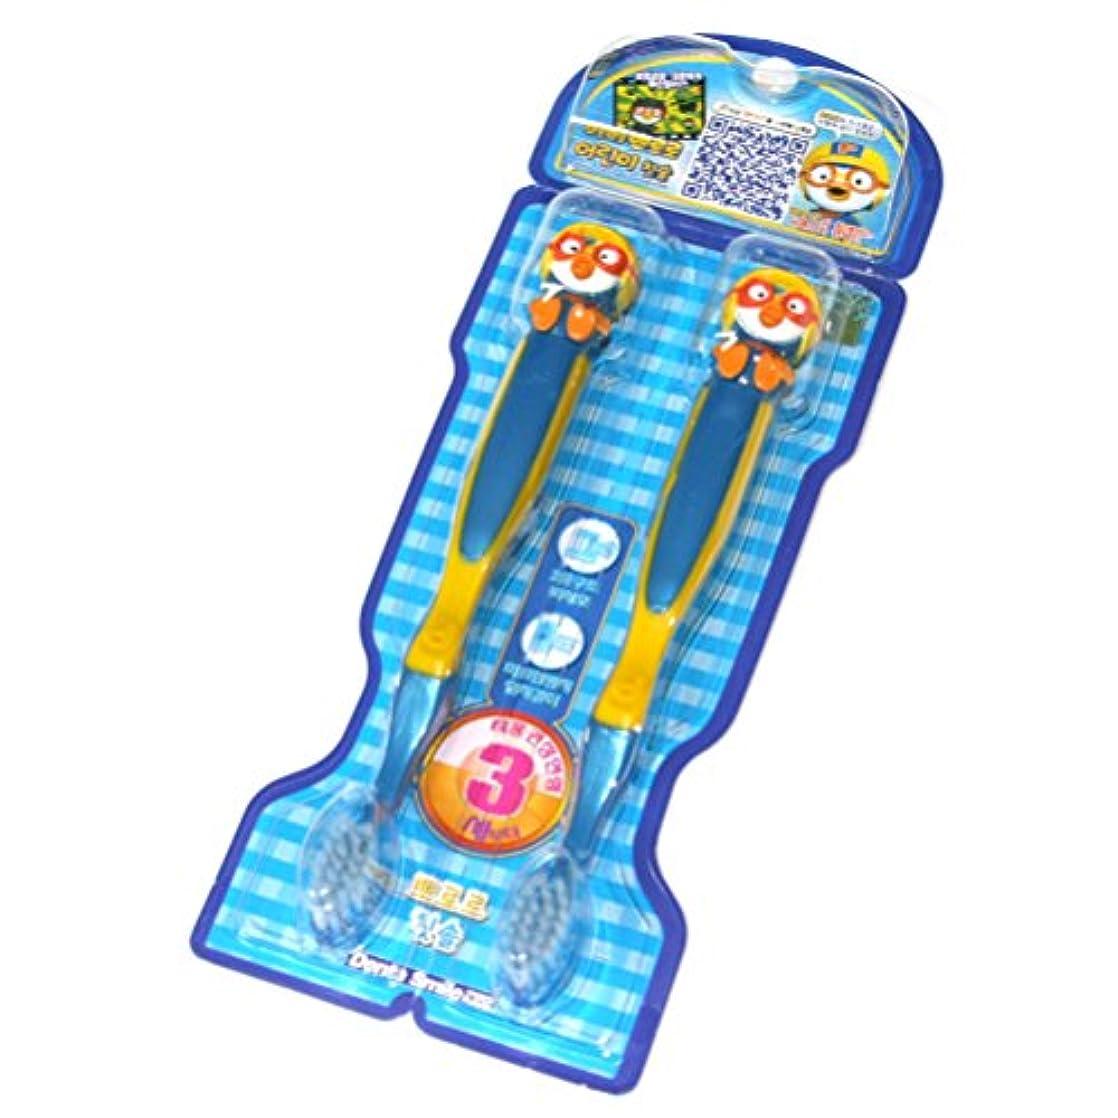 影のある間に合わせエンジニアリングPORORO Toothbrush For Kids 2ea set (PORORO) ポロロ 子供用 歯ブラシ2ea set (ポロロ ) [並行輸入品]